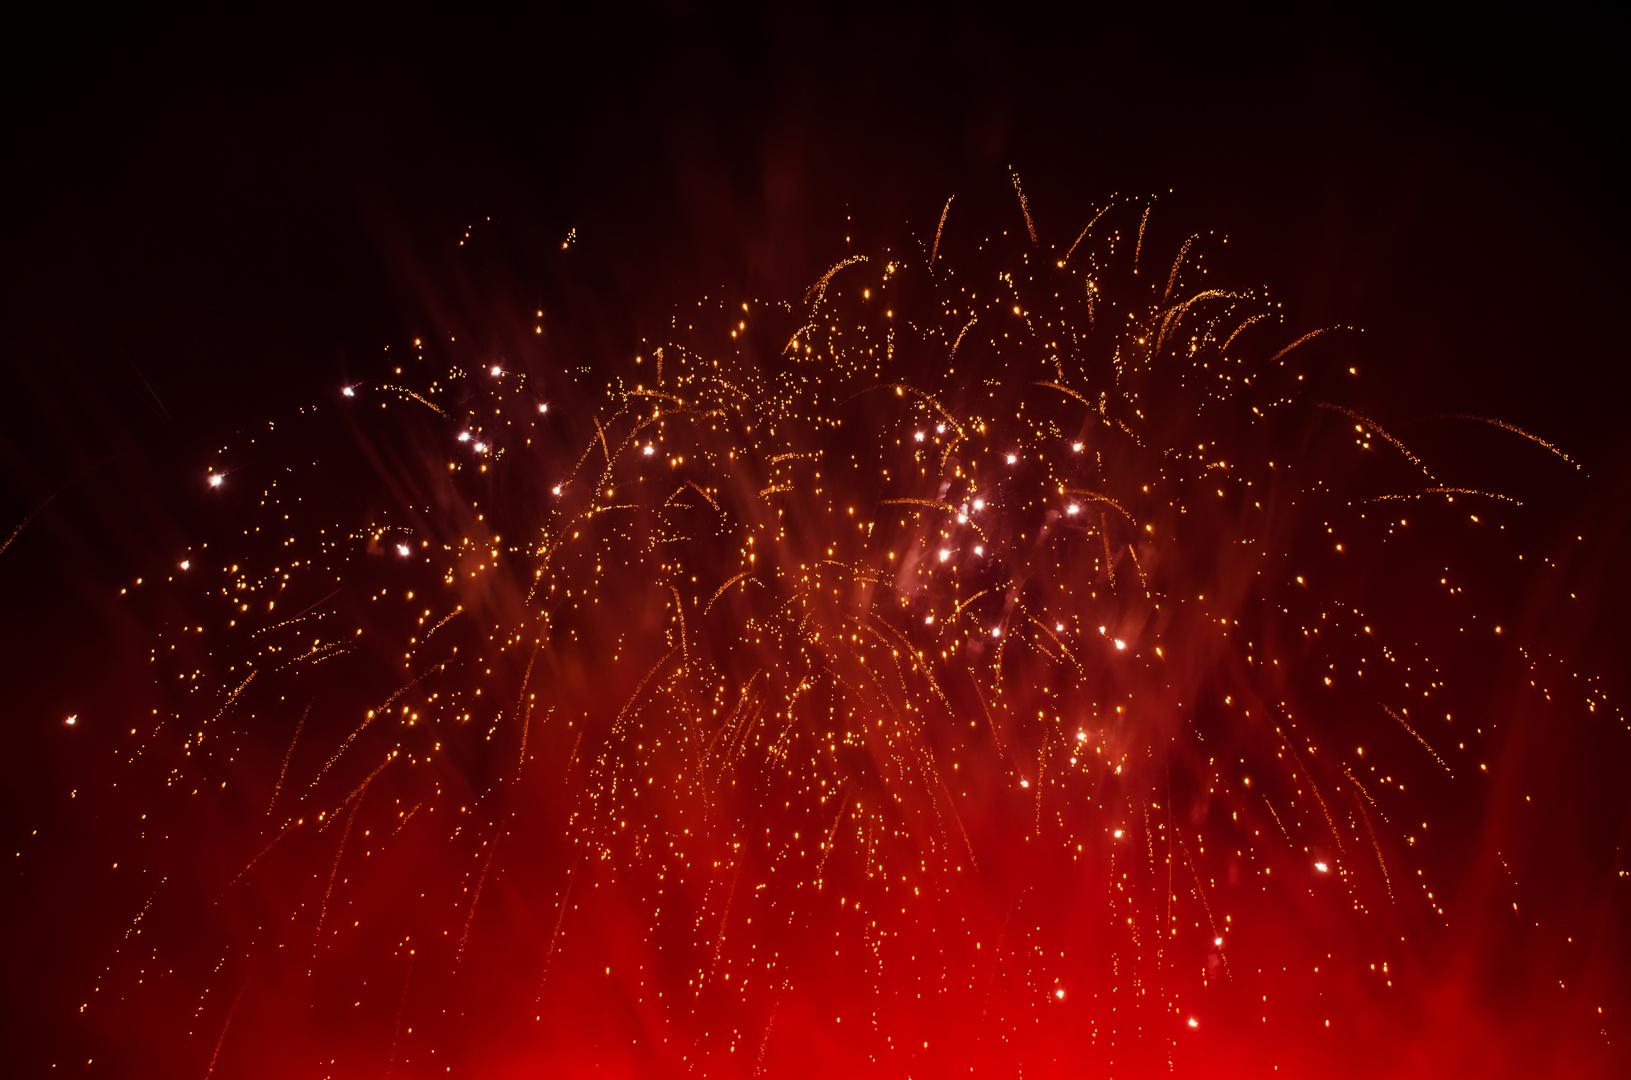 Flammende Sterne 2013 - Bild 5